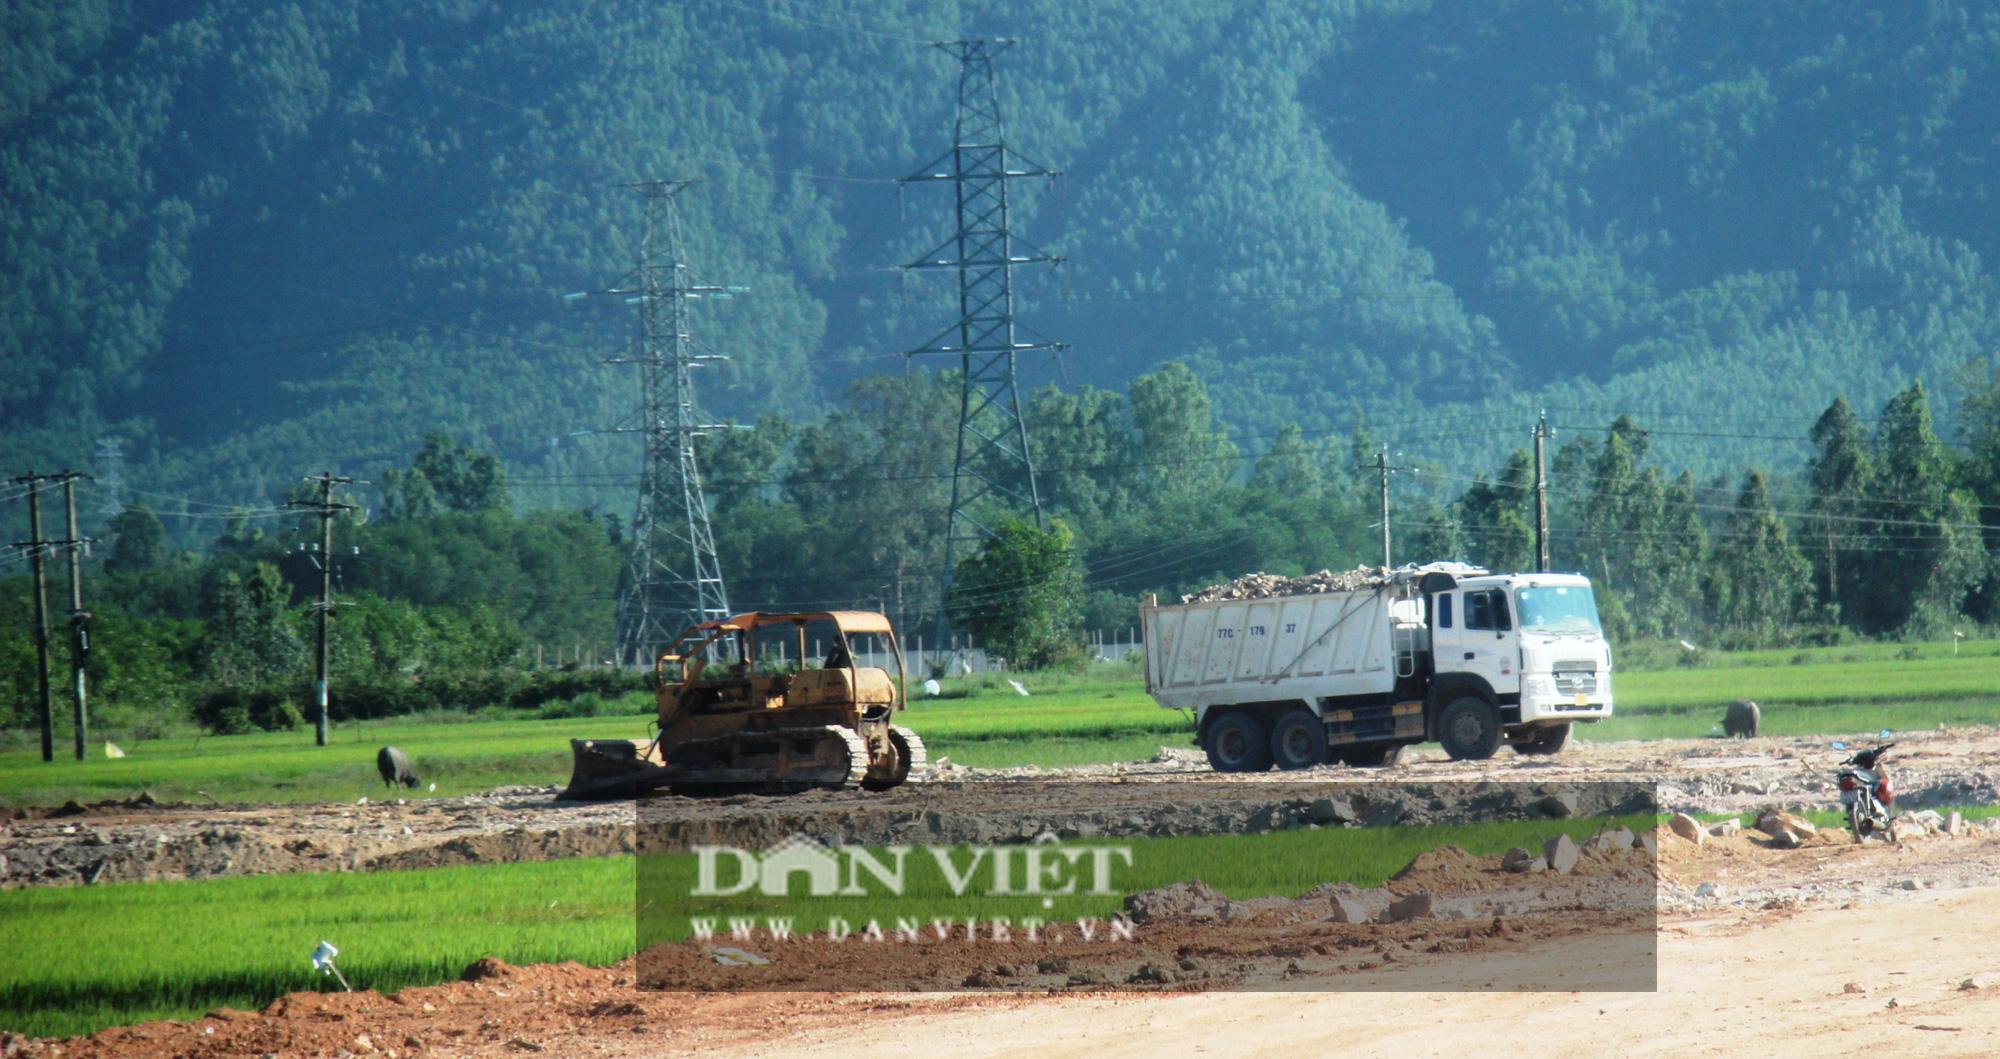 """Bình Định: Doanh nghiệp trúng thầu công trình nhà nước hơn 20 tỷ đồng """"vượt mặt"""" chính quyền - Ảnh 4."""